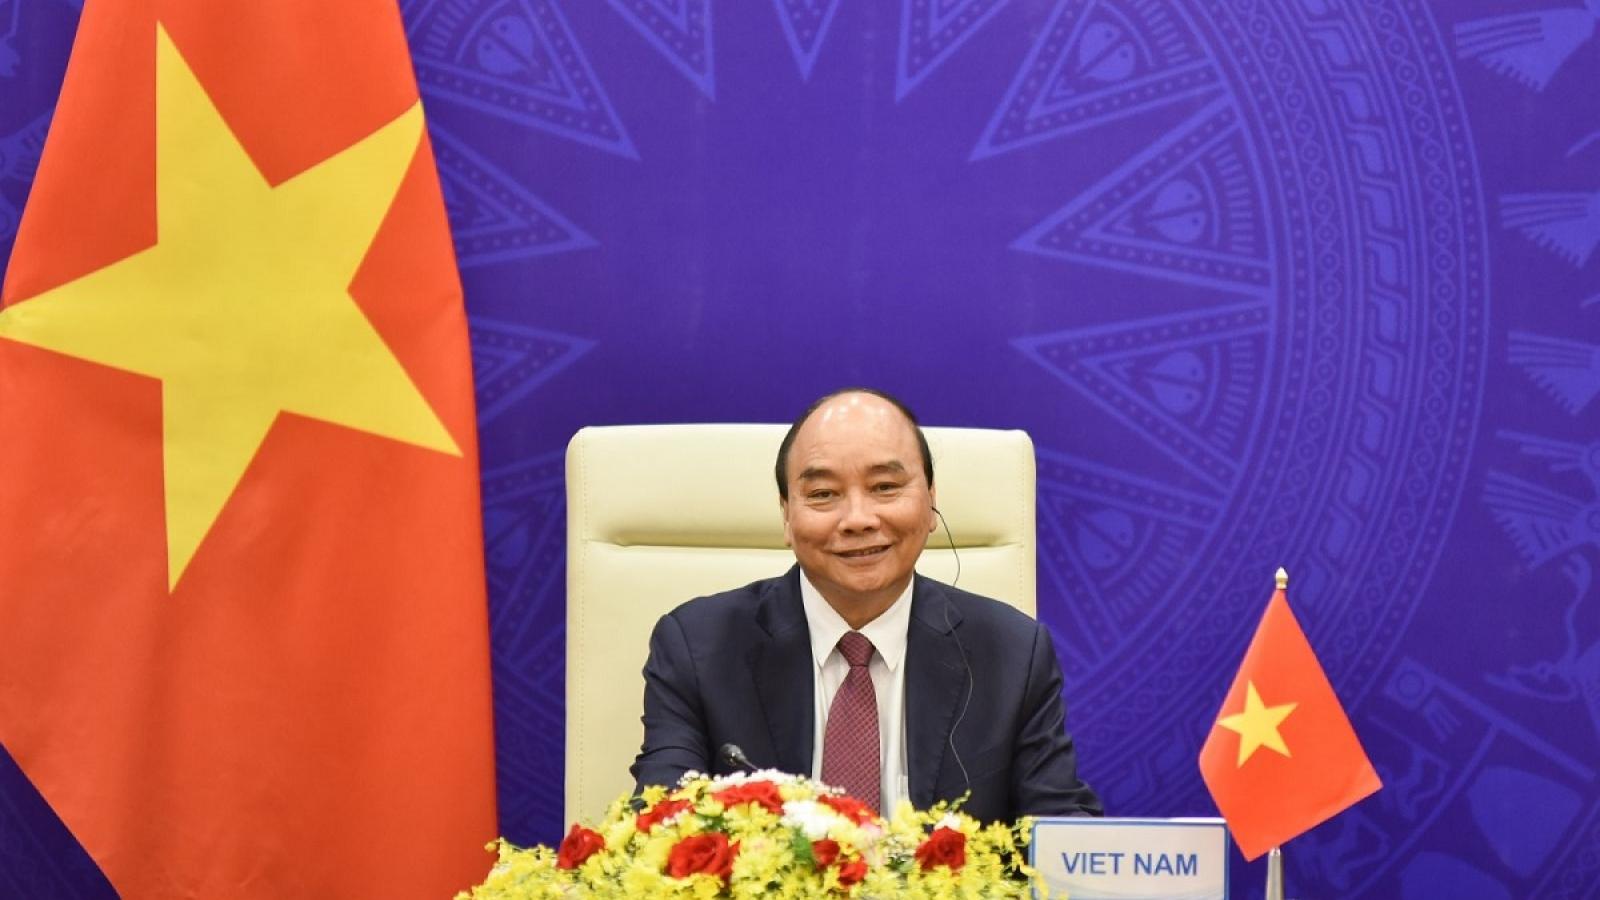 Phát biểu của Chủ tịch nước Nguyễn Xuân Phúc tại Hội nghị Thượng đỉnh về Khí hậu